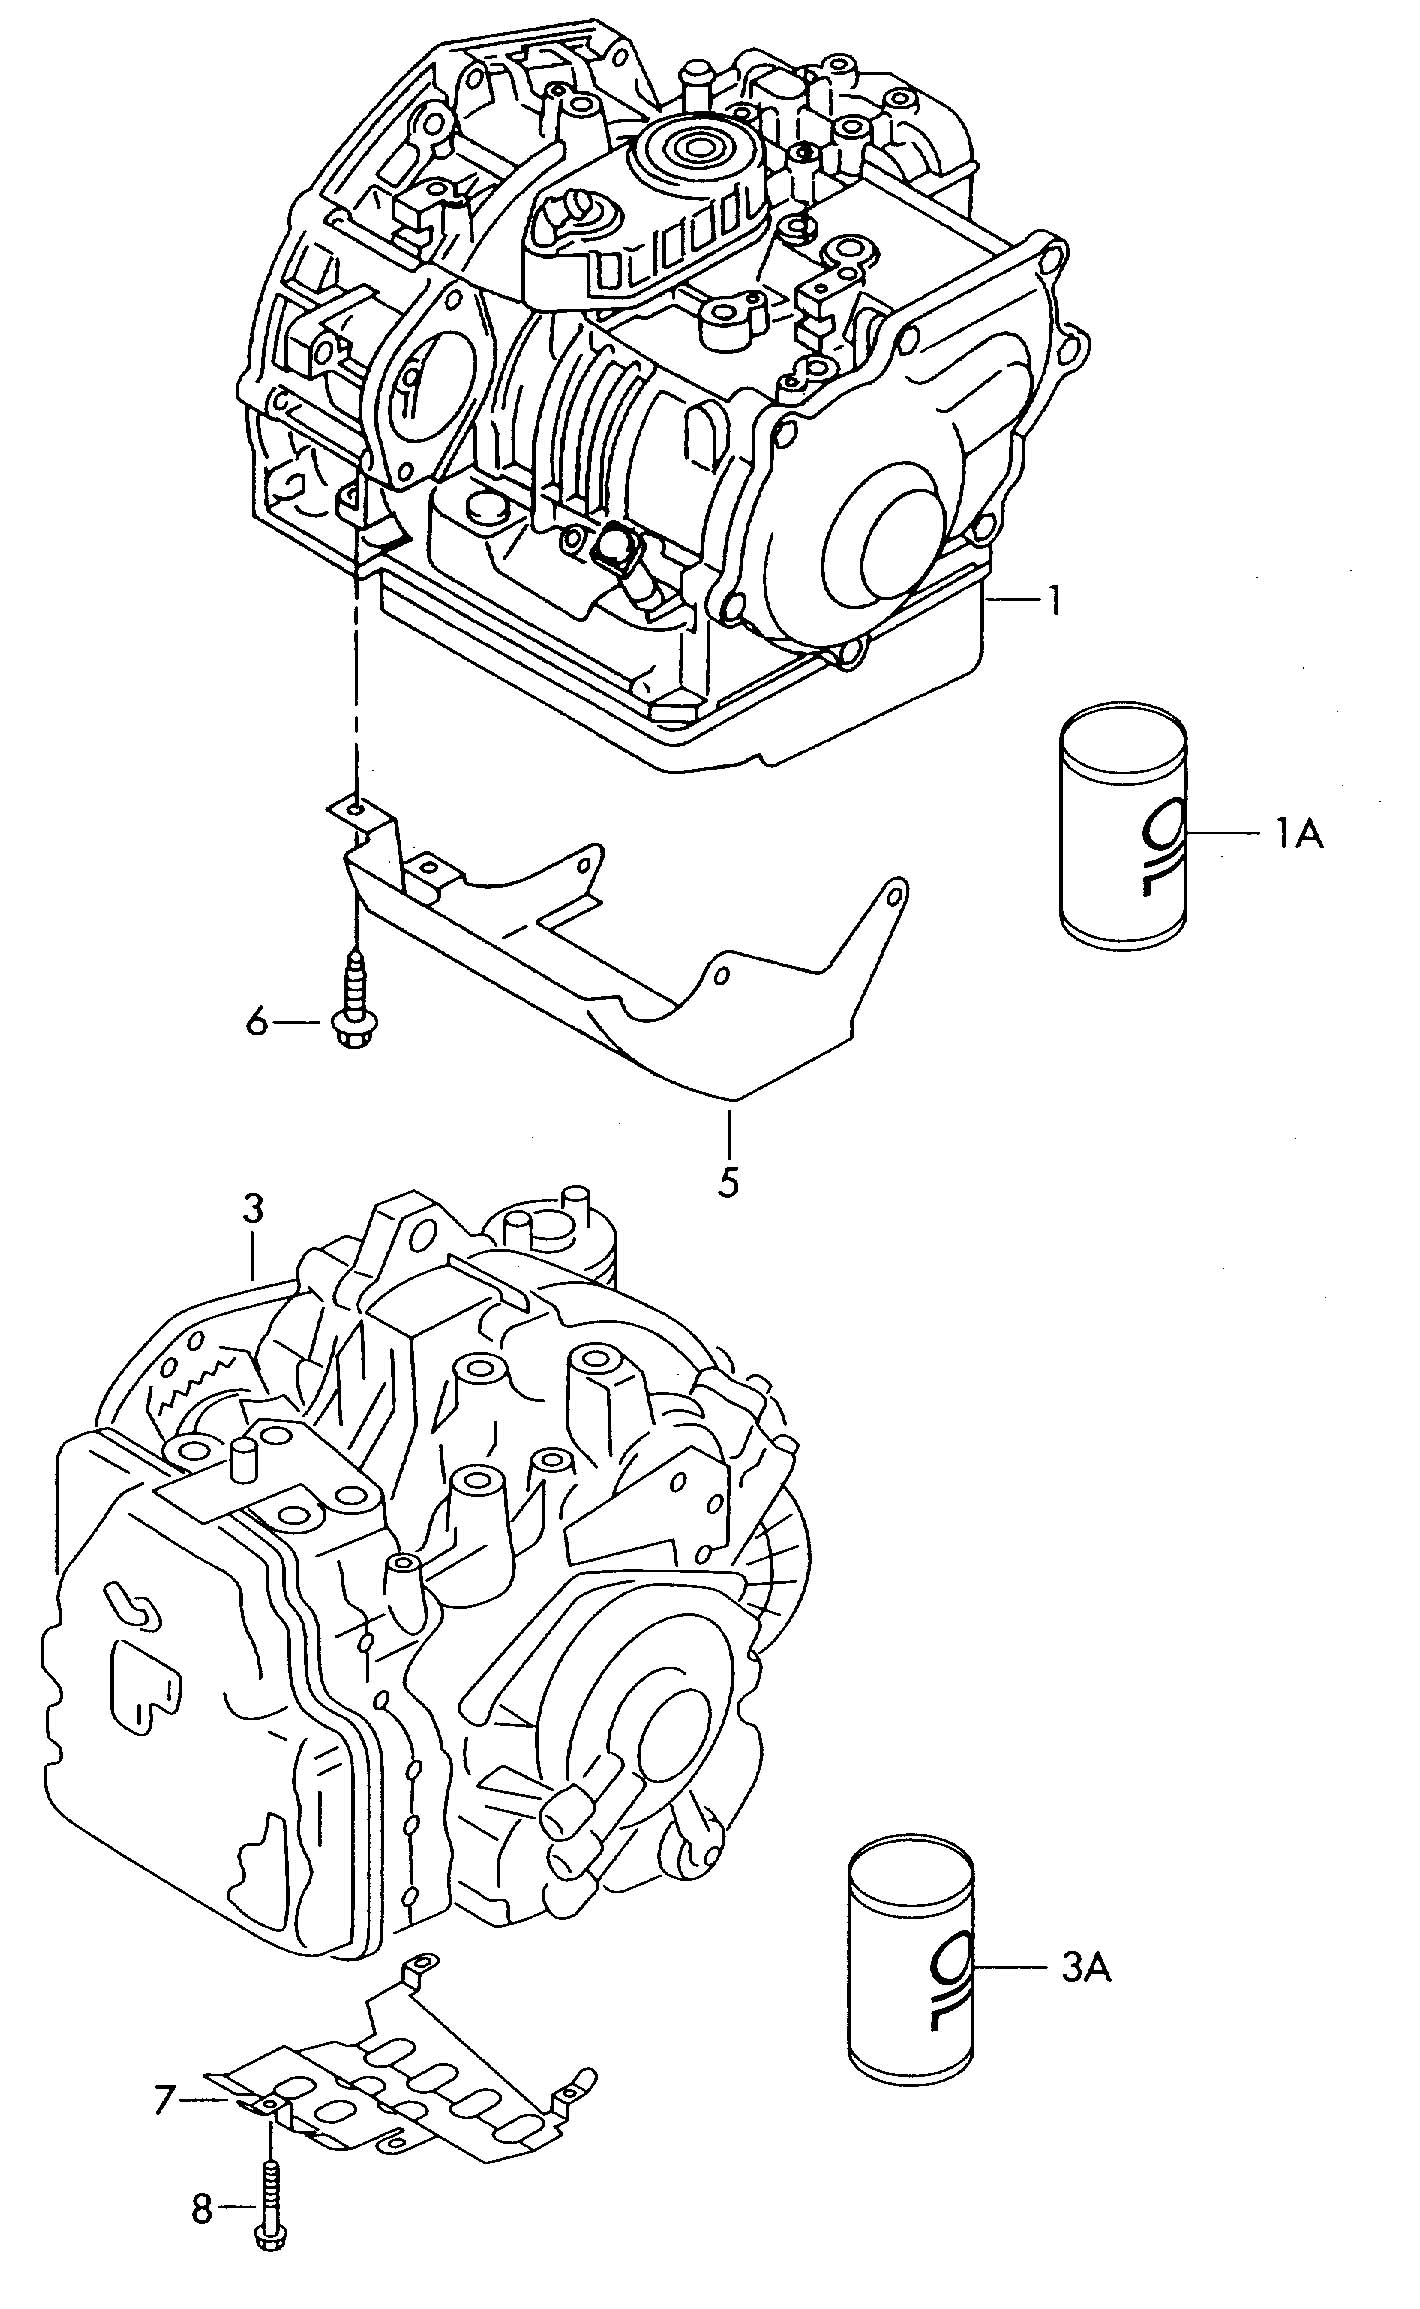 Volkswagen Jetta 5 Speed Automatic Transmission  5 Speed